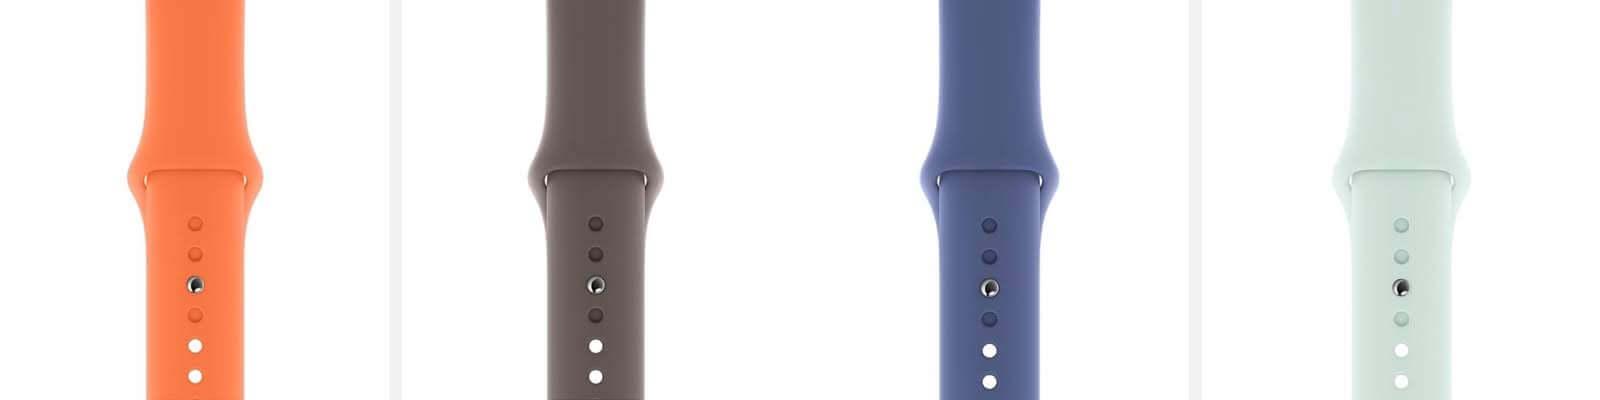 Apple Watchスポーツバンド新カラー